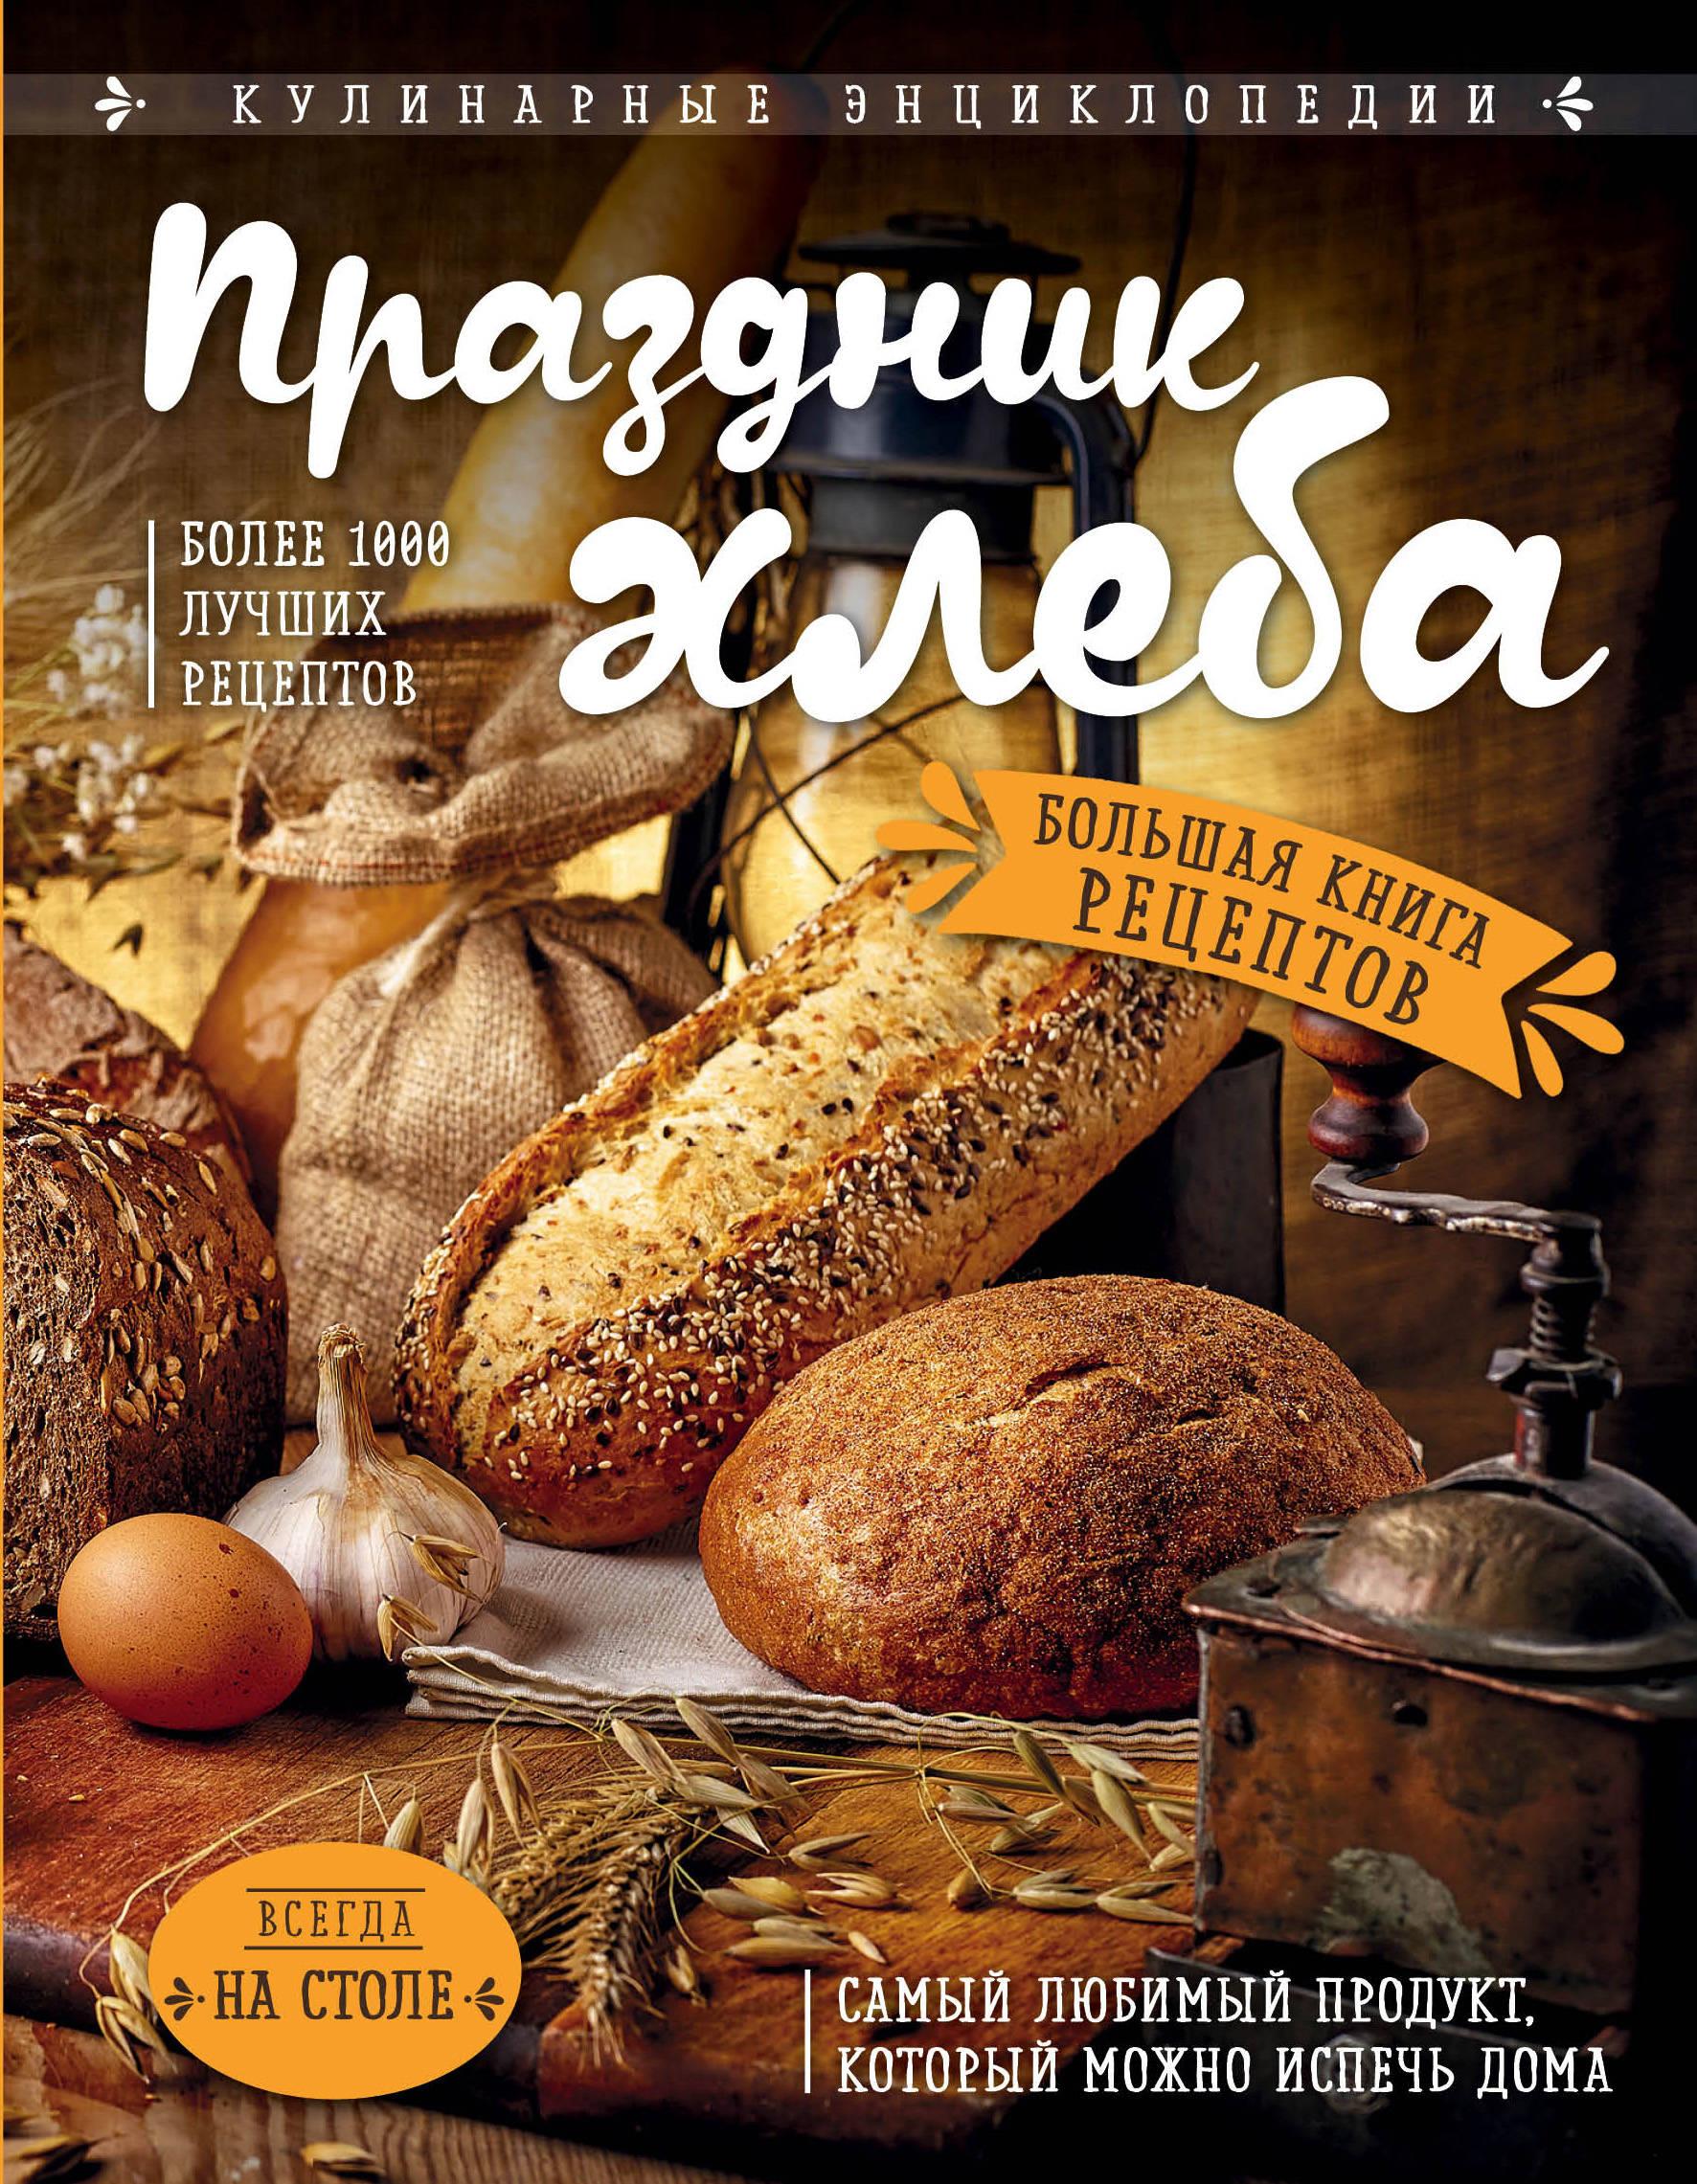 Праздник Хлеба. Большая книга рецептов